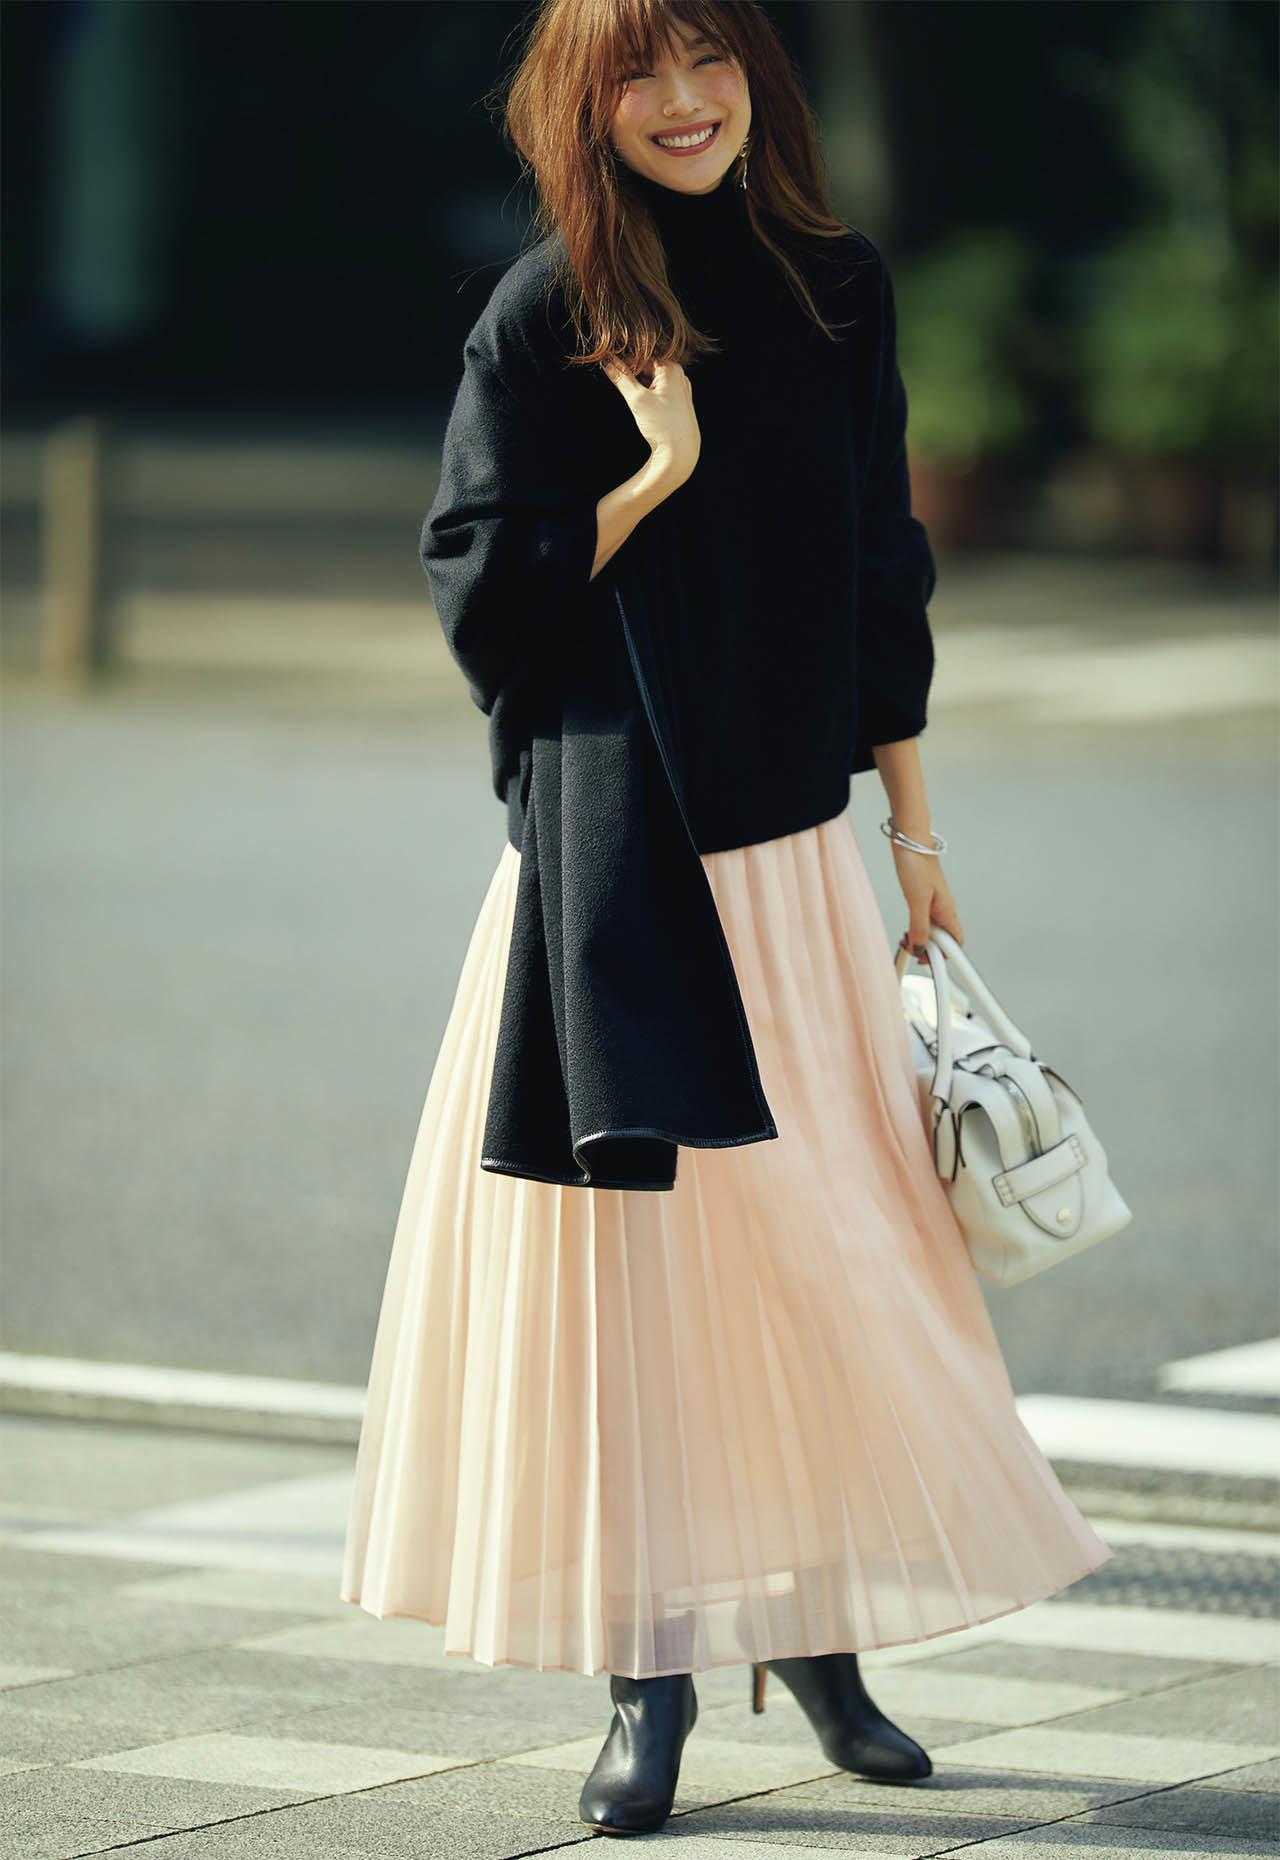 平均気温25度の初秋にベストな服装は? 季節の変わり目に着たいコーデ|40代ファッションまとめ_1_11